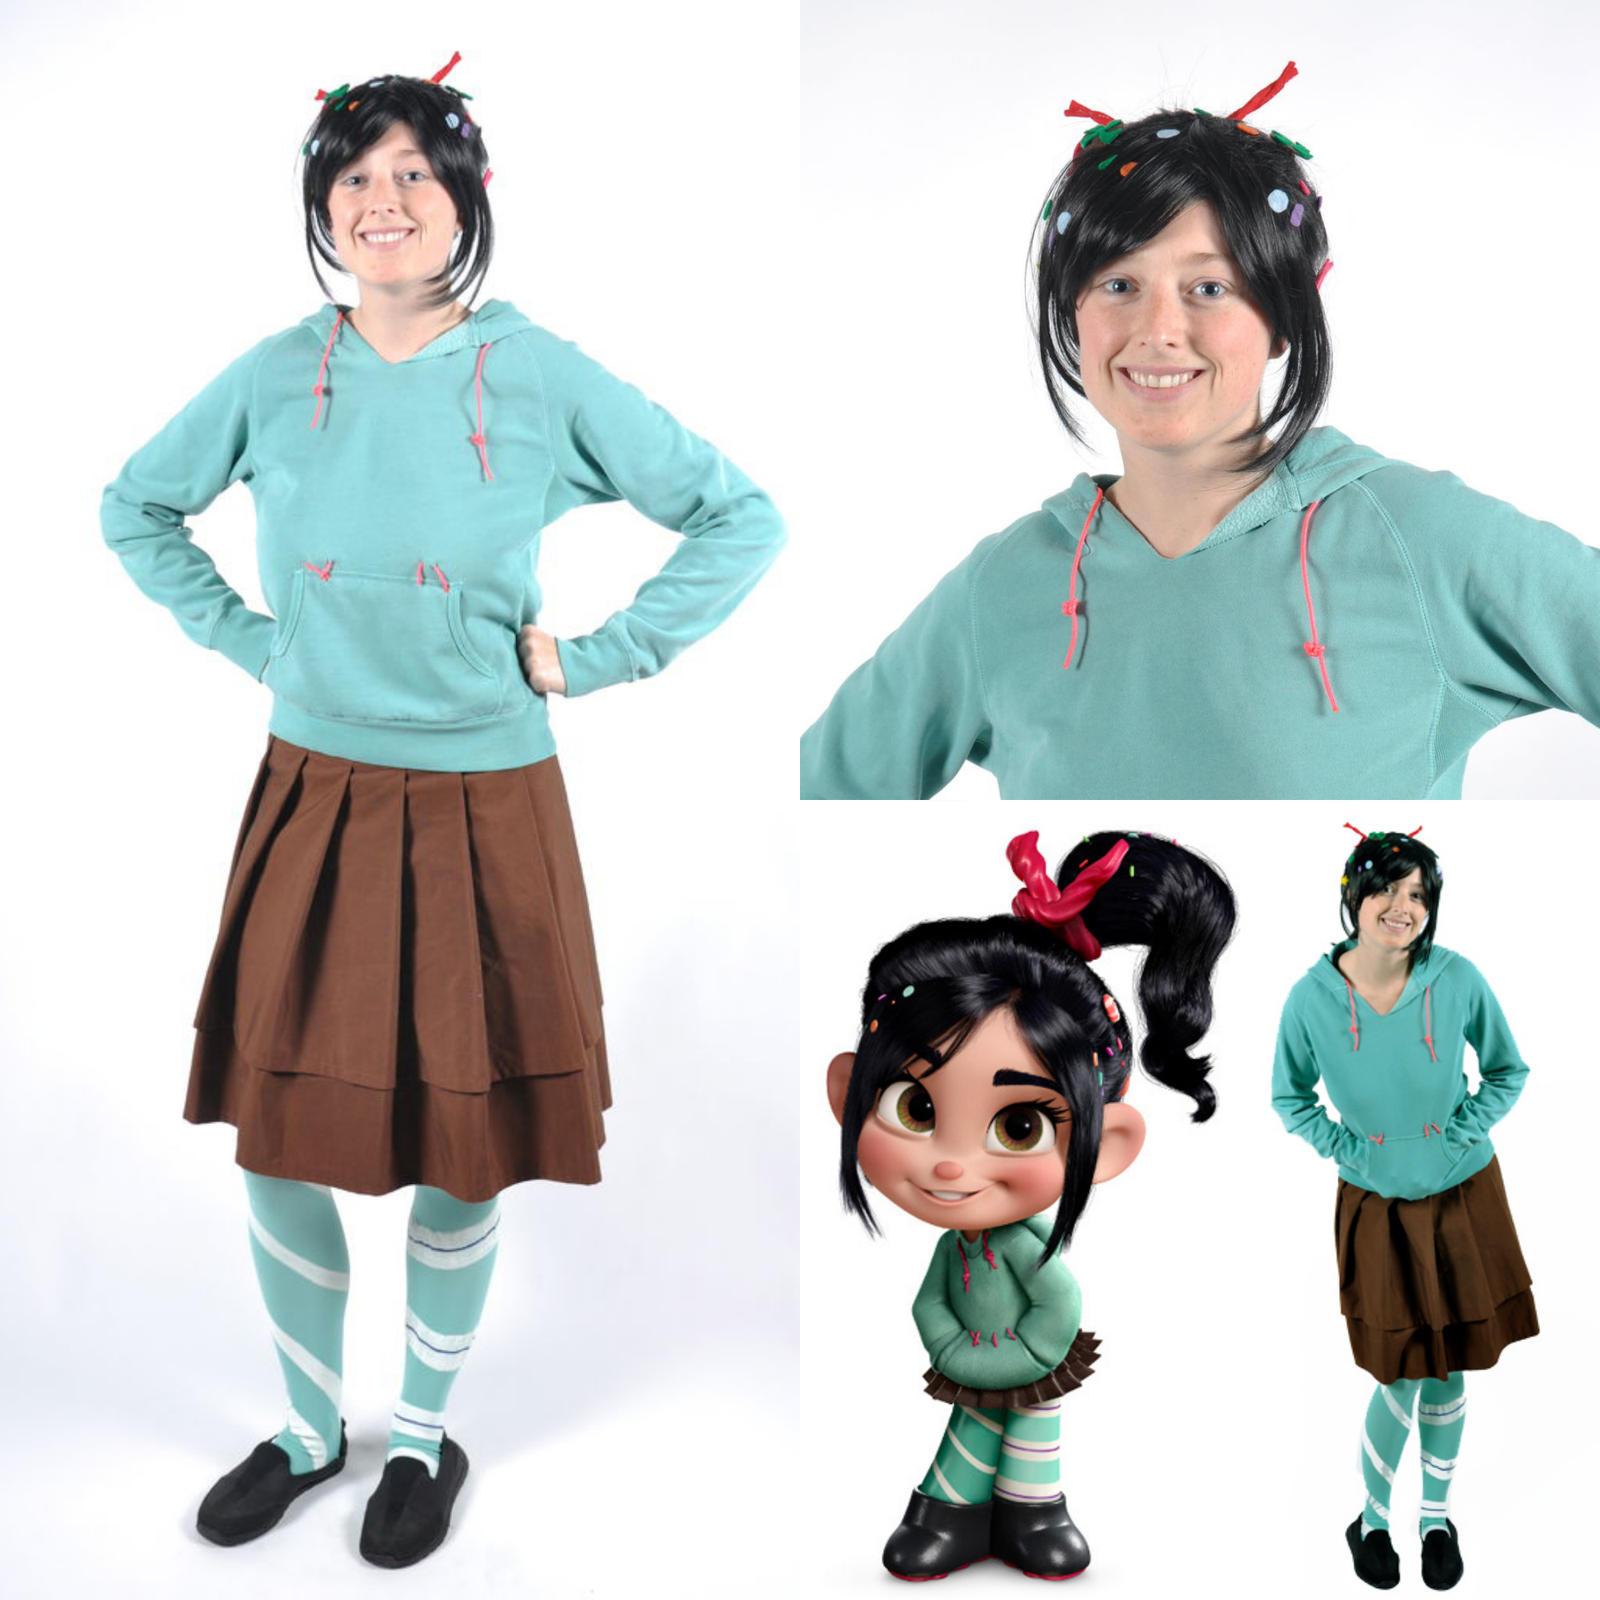 Vanellope von schweetz diy costume